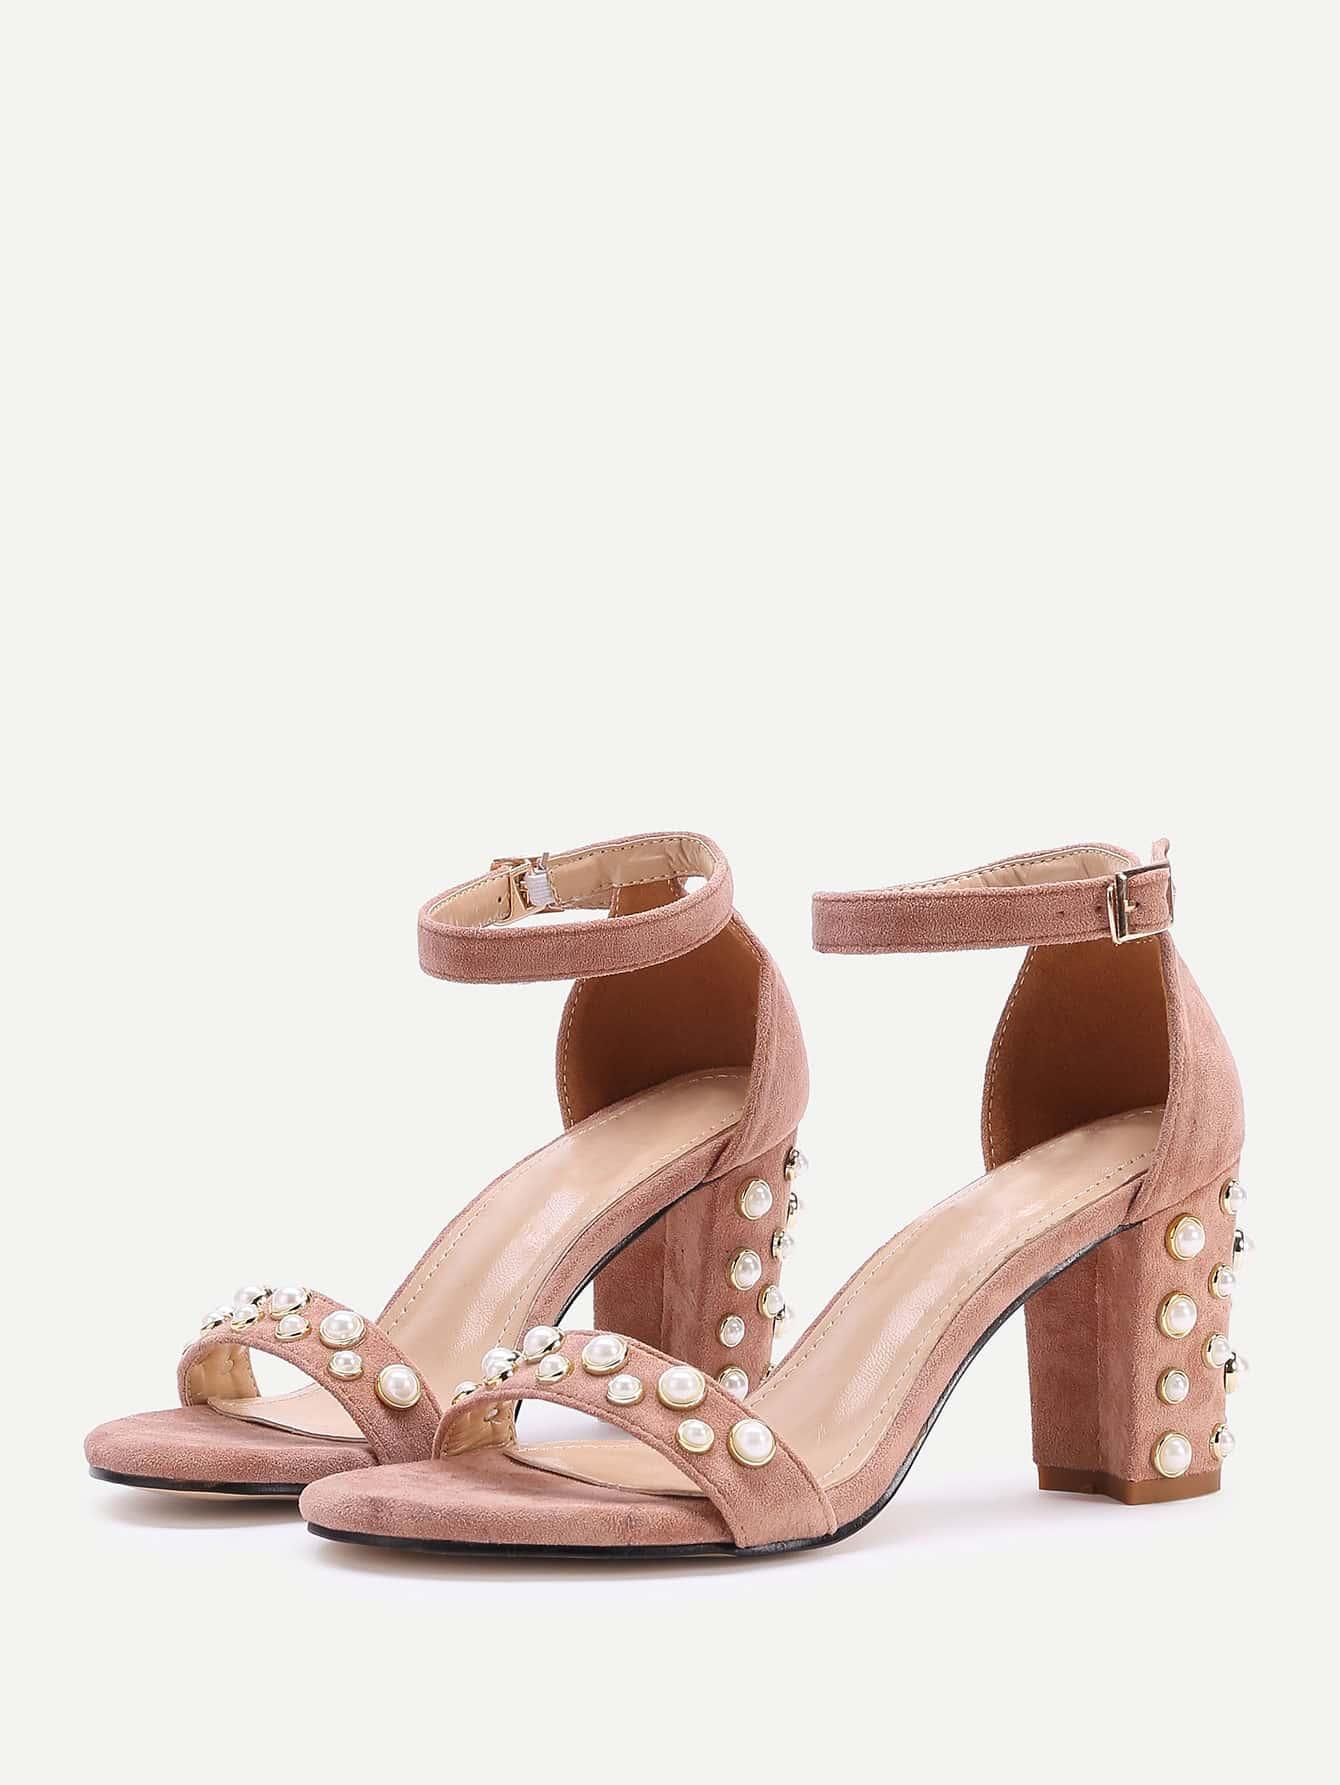 shoes170411808_2